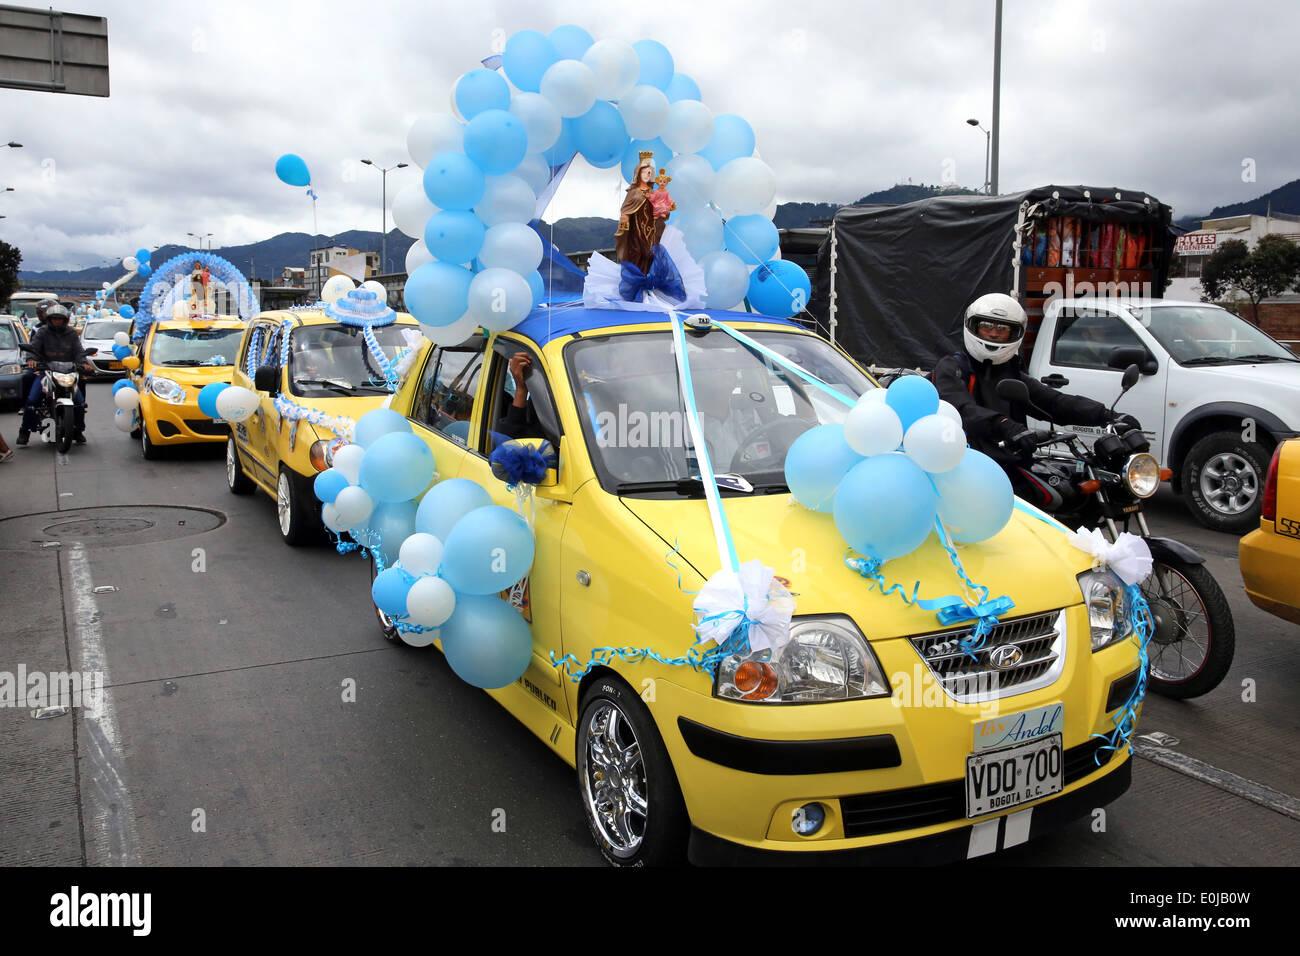 Sfilata di taxi decorato con palloncini e statue di Madre Maria per onorare la madre di Gesù Cristo. Bogotà, Colombia Immagini Stock